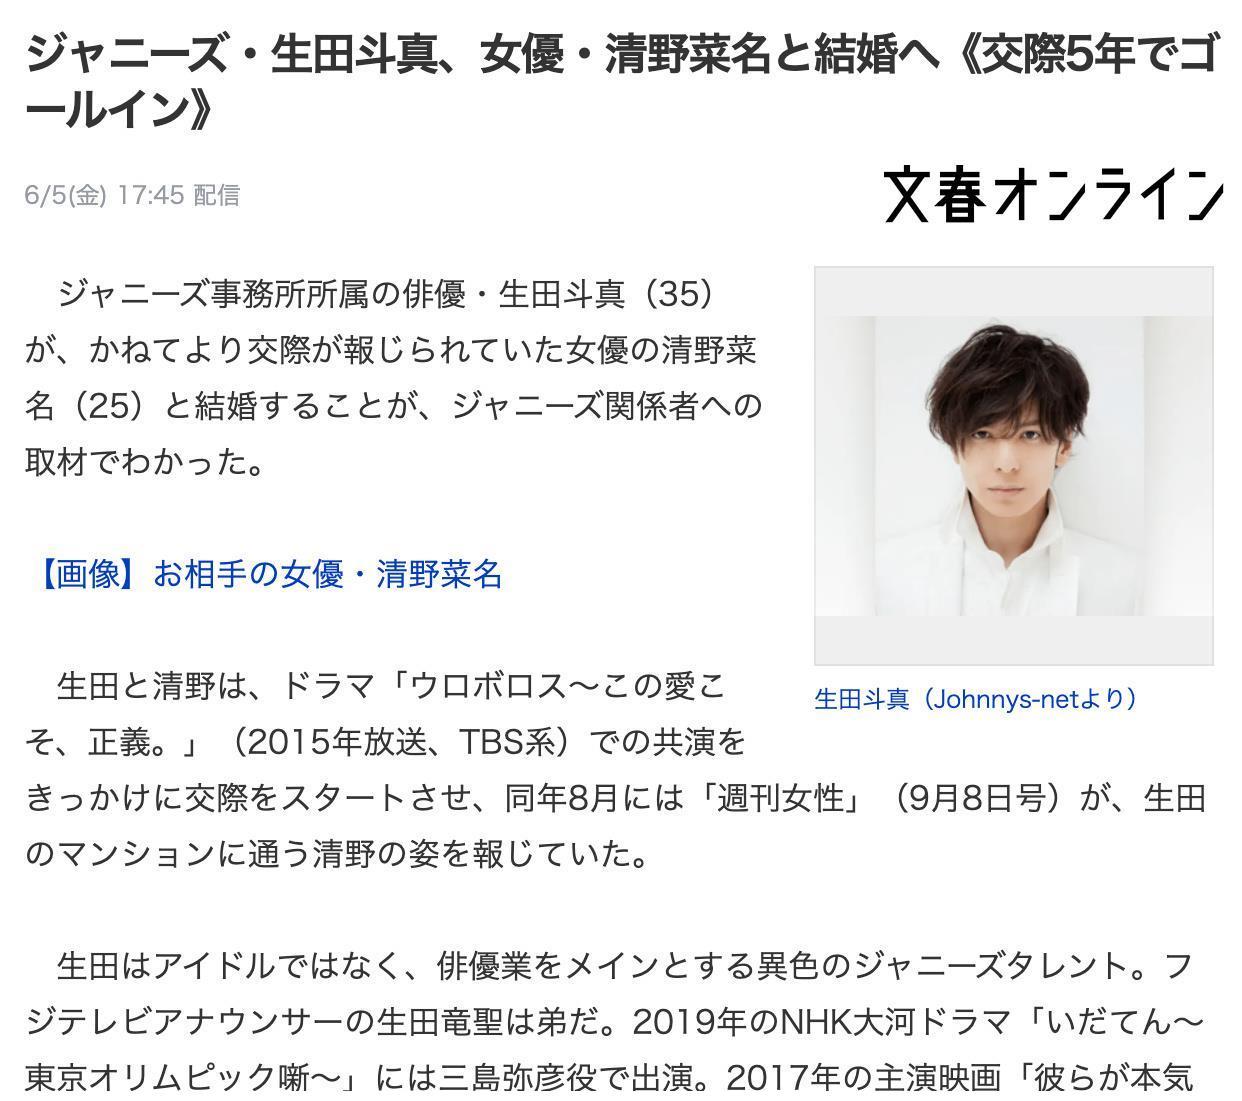 日版宋威龙生田真斗与清野菜名将于近期结婚,两人交往5年了!